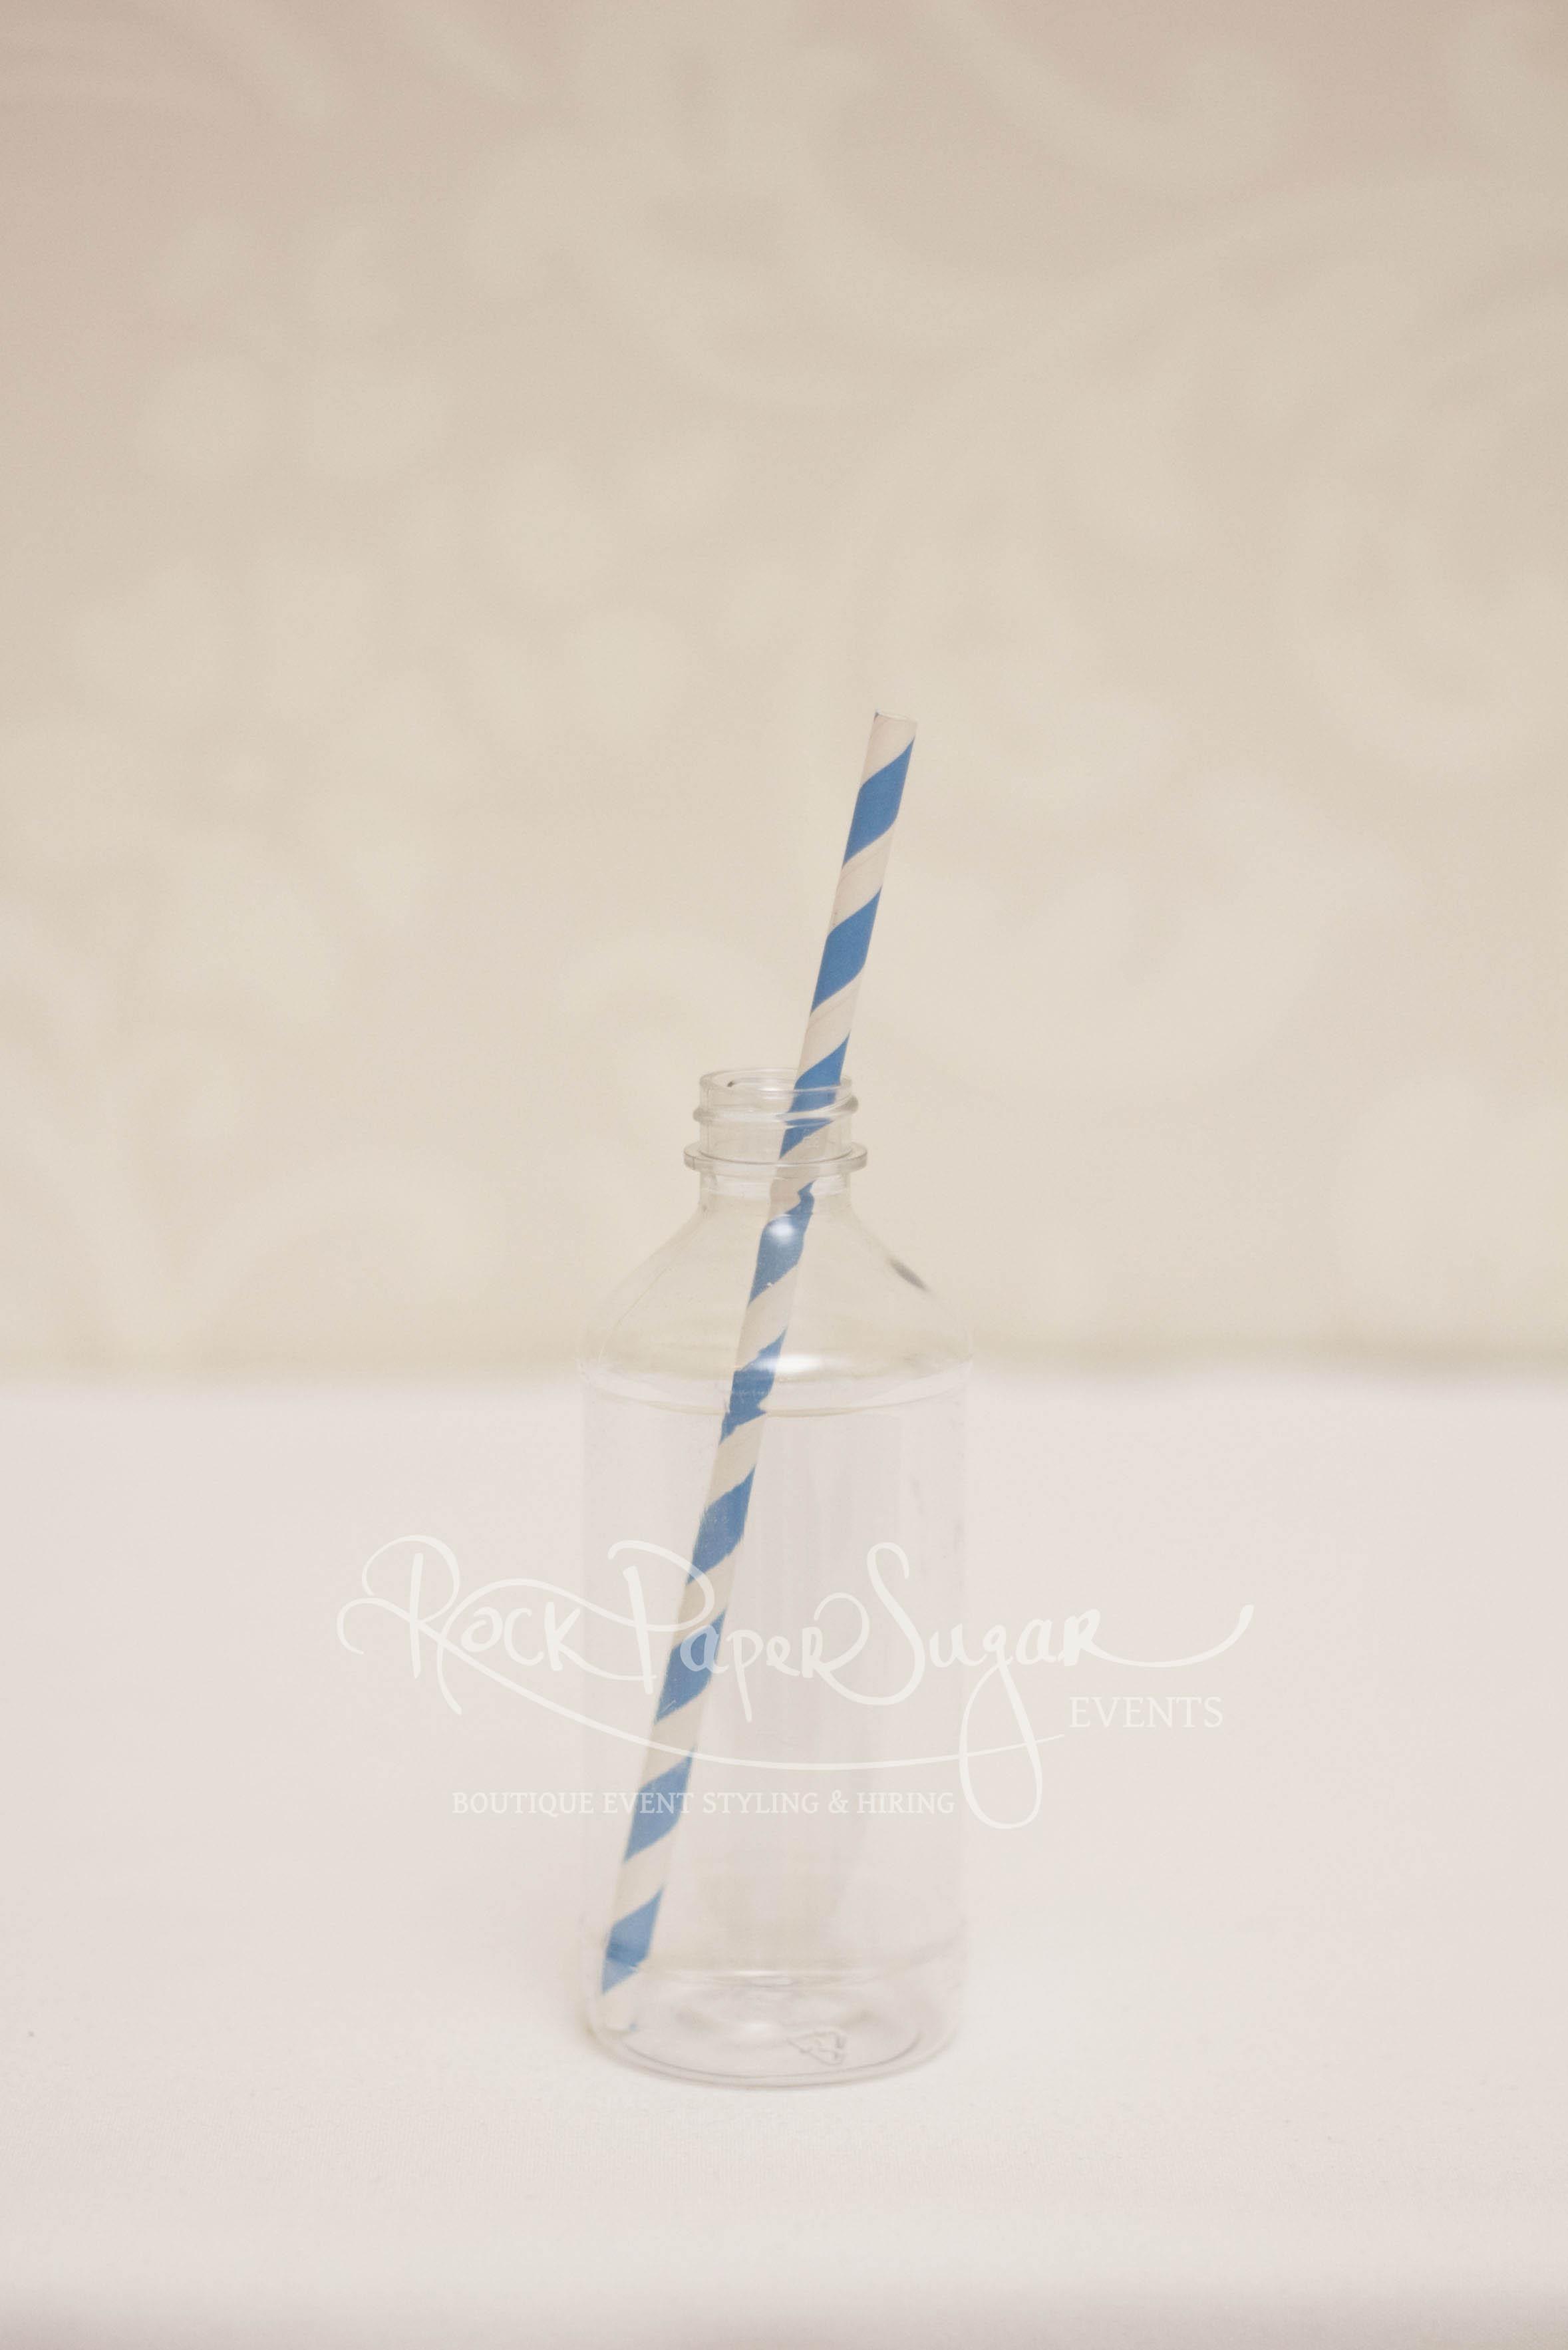 Rock Paper Sugar Events Drinkware 006.jpg